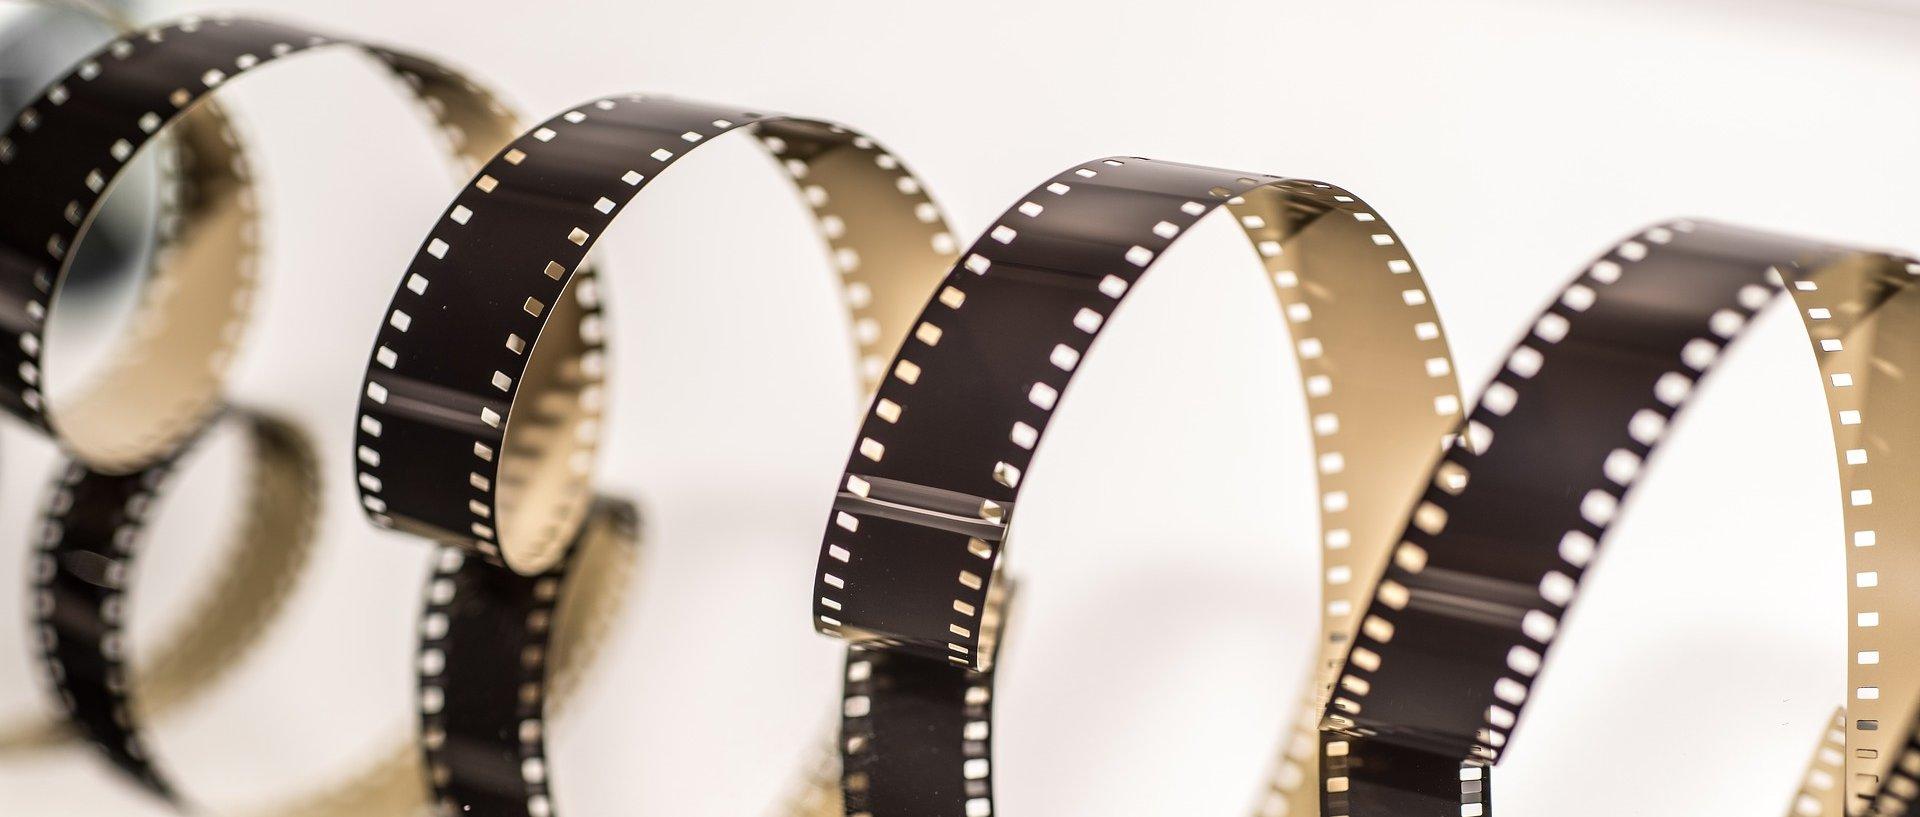 Taśma filmowa w formie spirali